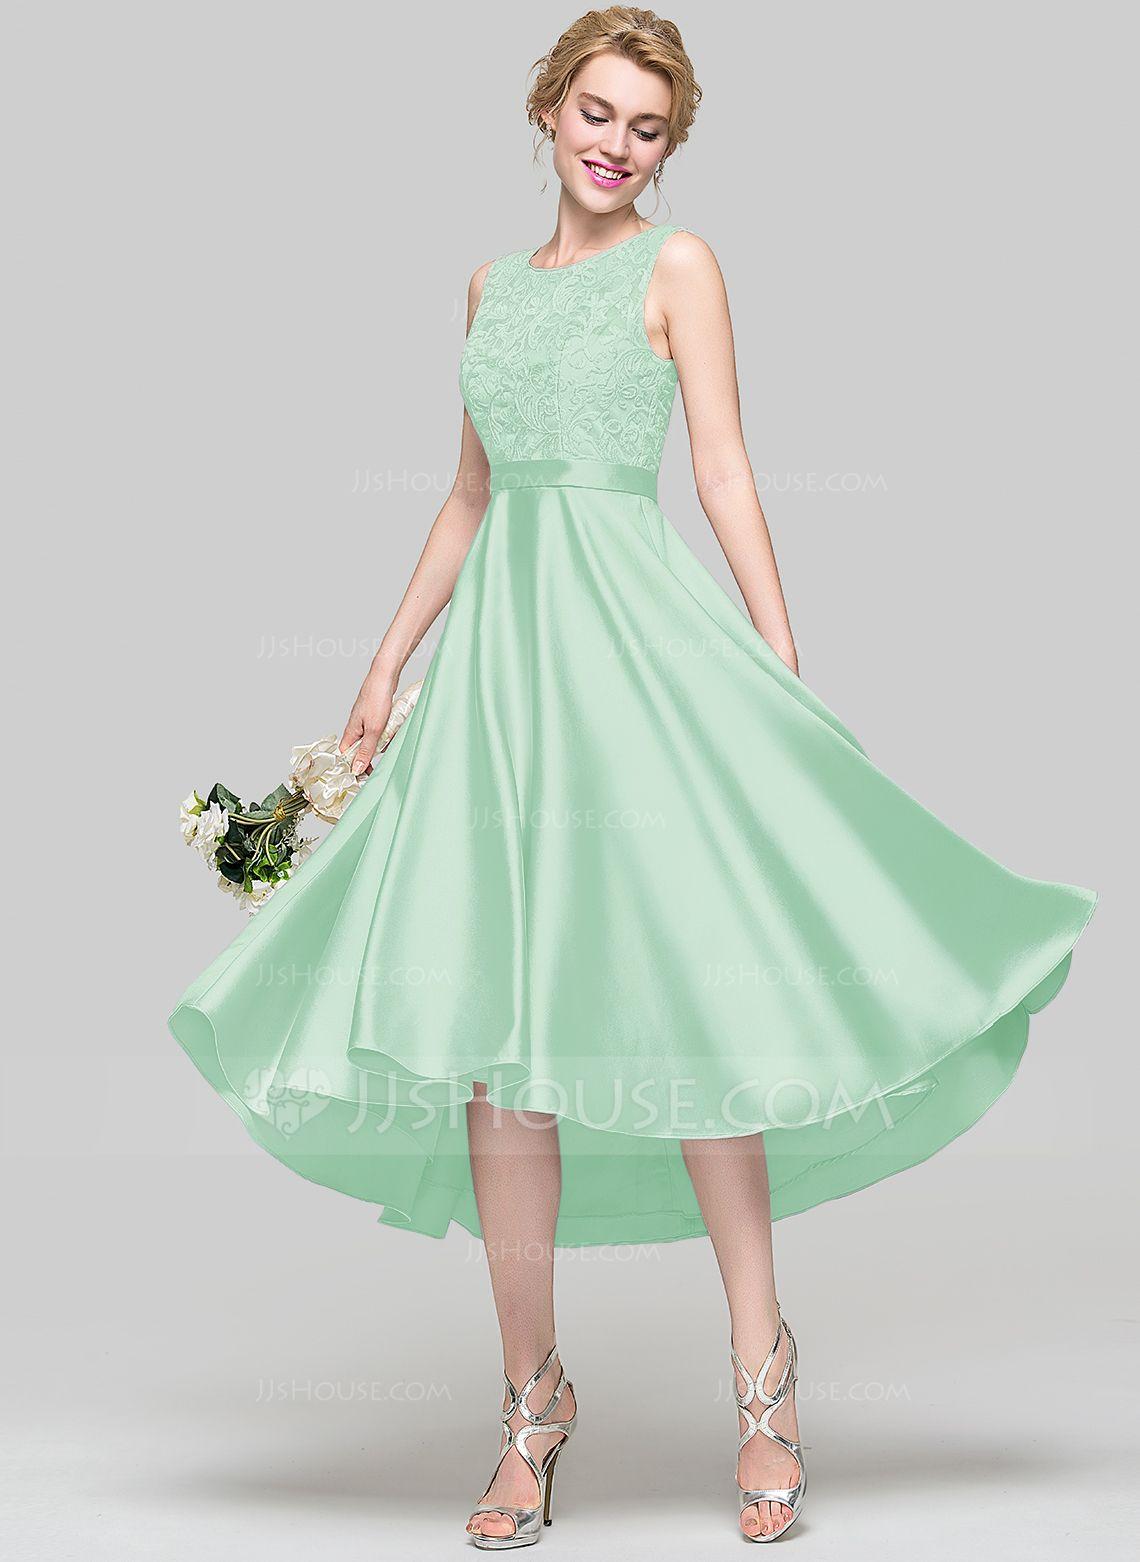 8e5a2e832fb3 A-Line/Princess Scoop Neck Asymmetrical Satin Bridesmaid Dress (007090173)  - Bridesmaid